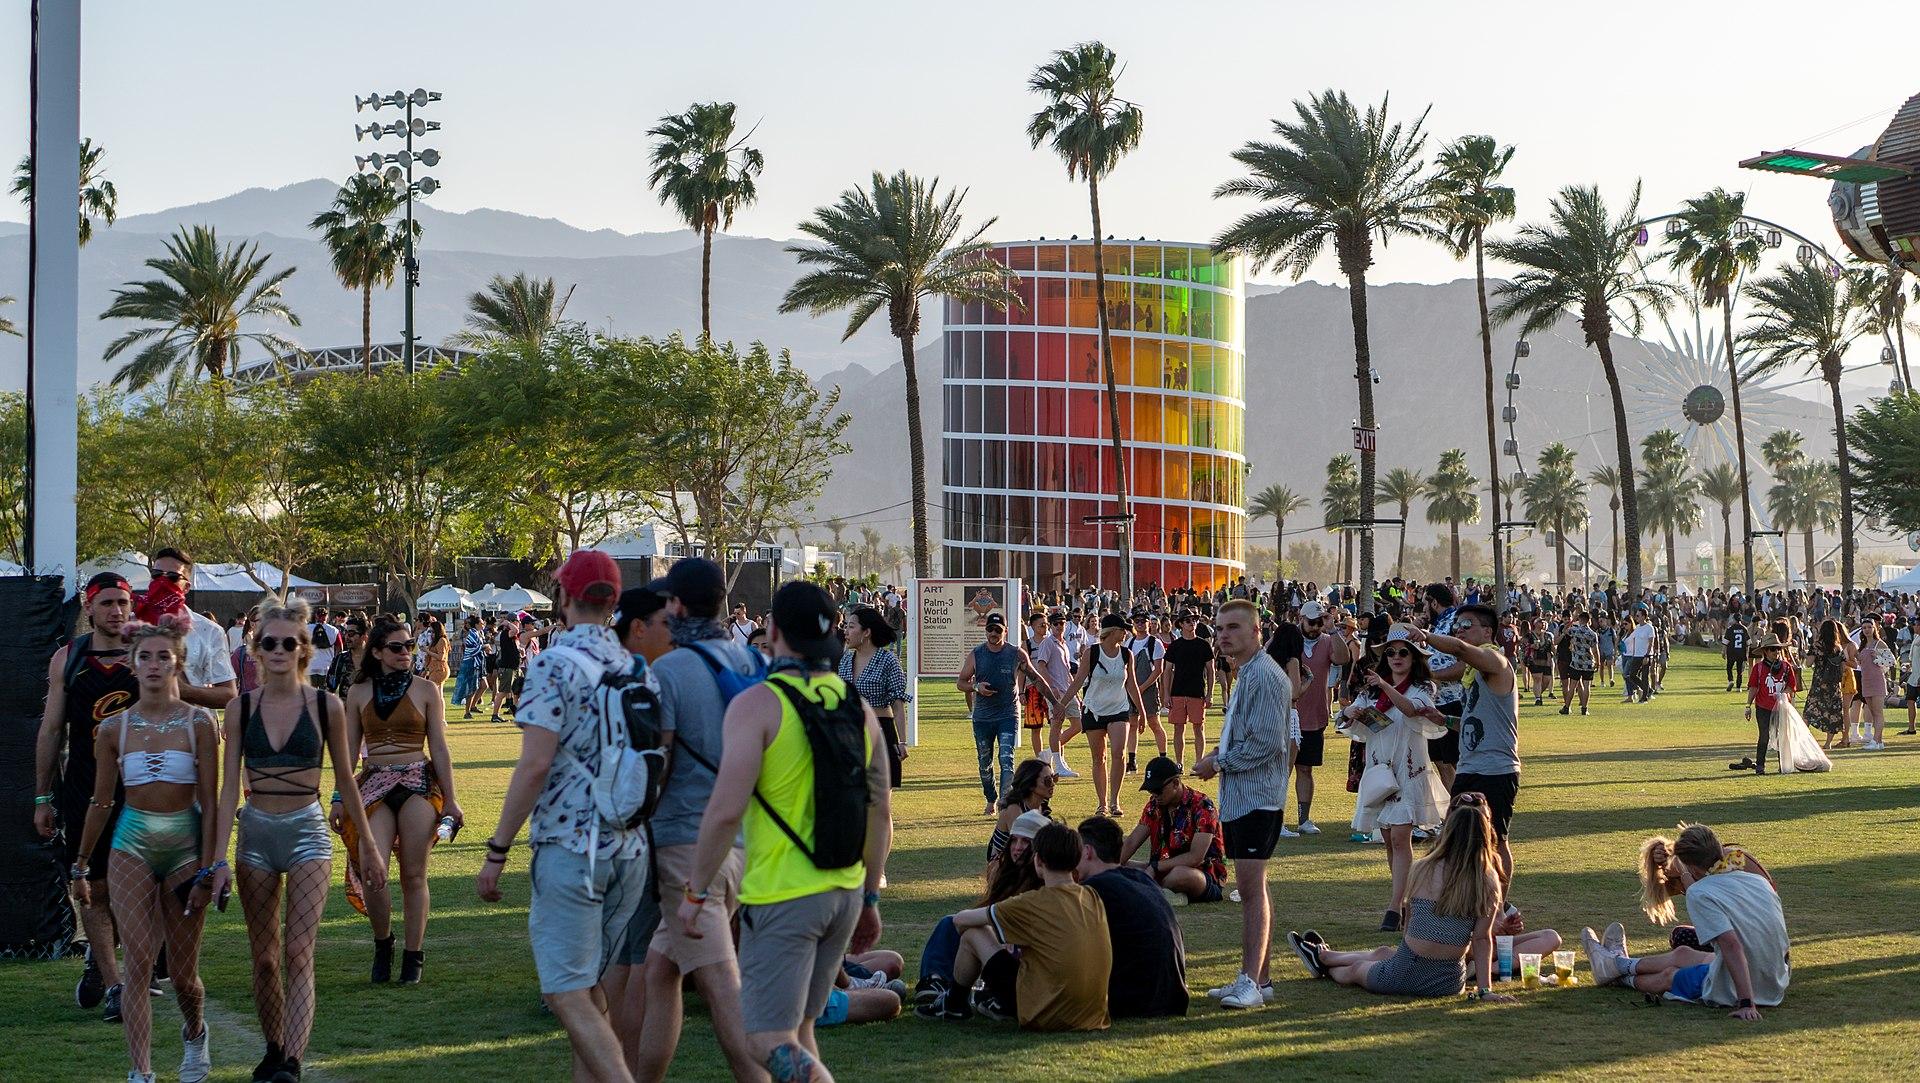 Covid: le festival de musique Coachella à nouveau reporté en 2021